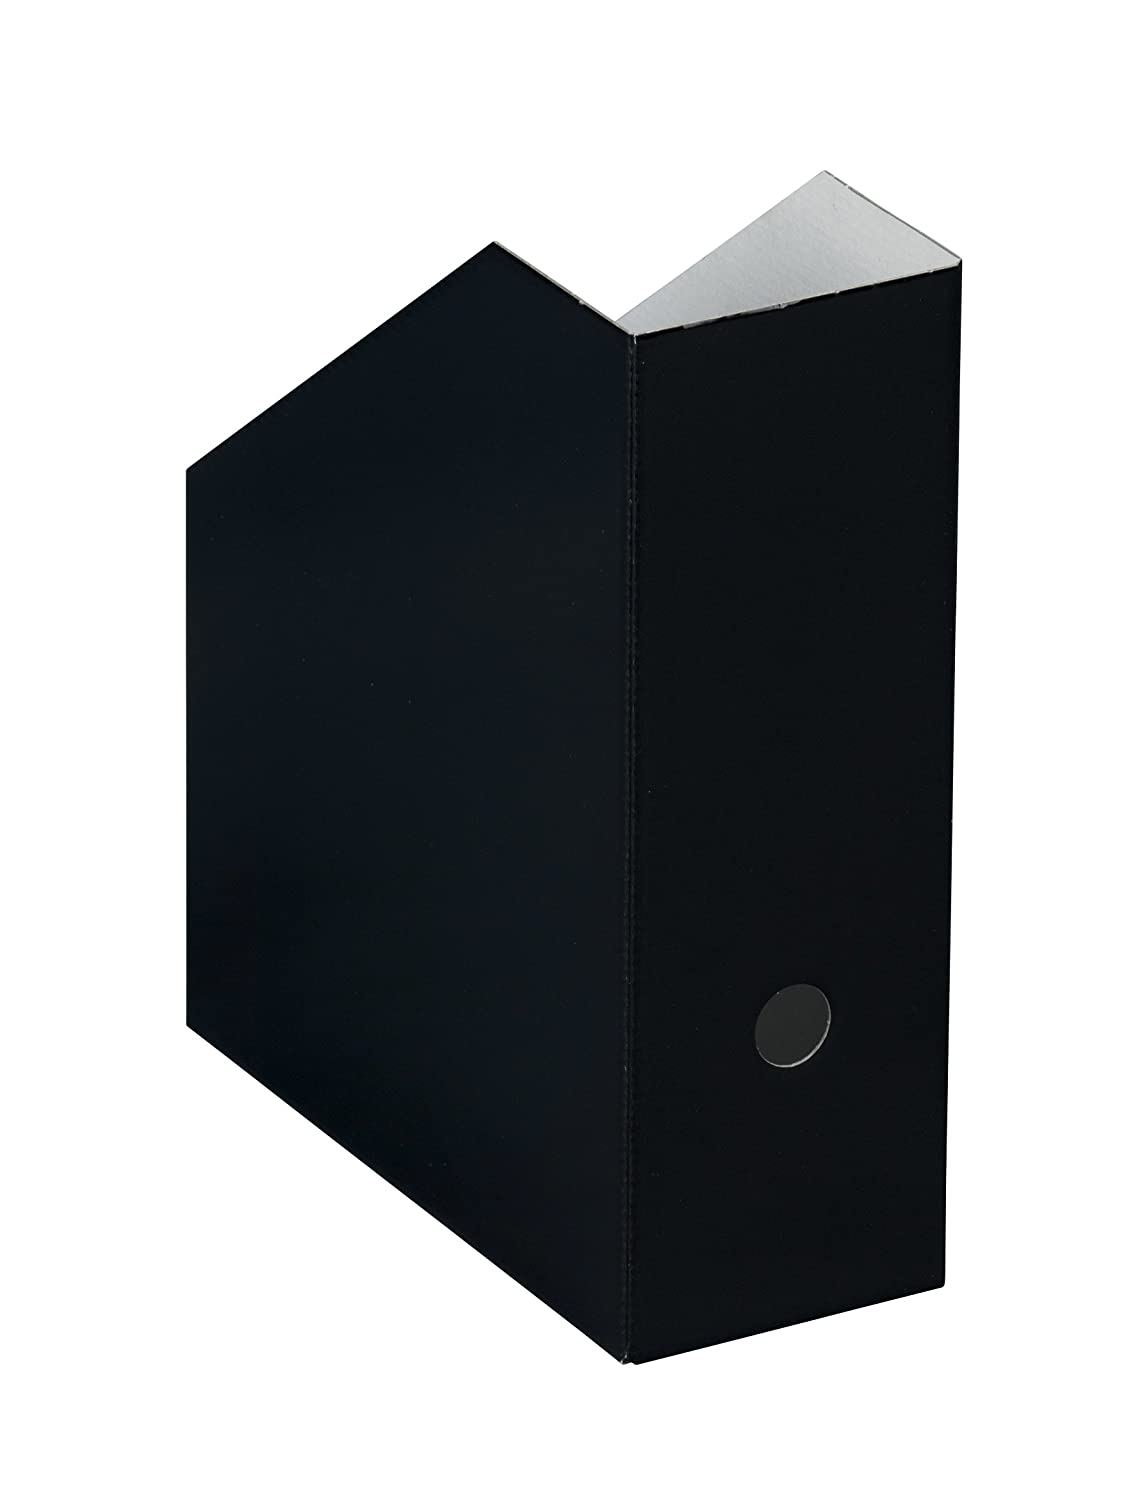 Nips - Revisteros verticales (5 unidades, anchura extra, 10,5 x 26,5 x 31,5 cm), color negro: Amazon.es: Oficina y papelería